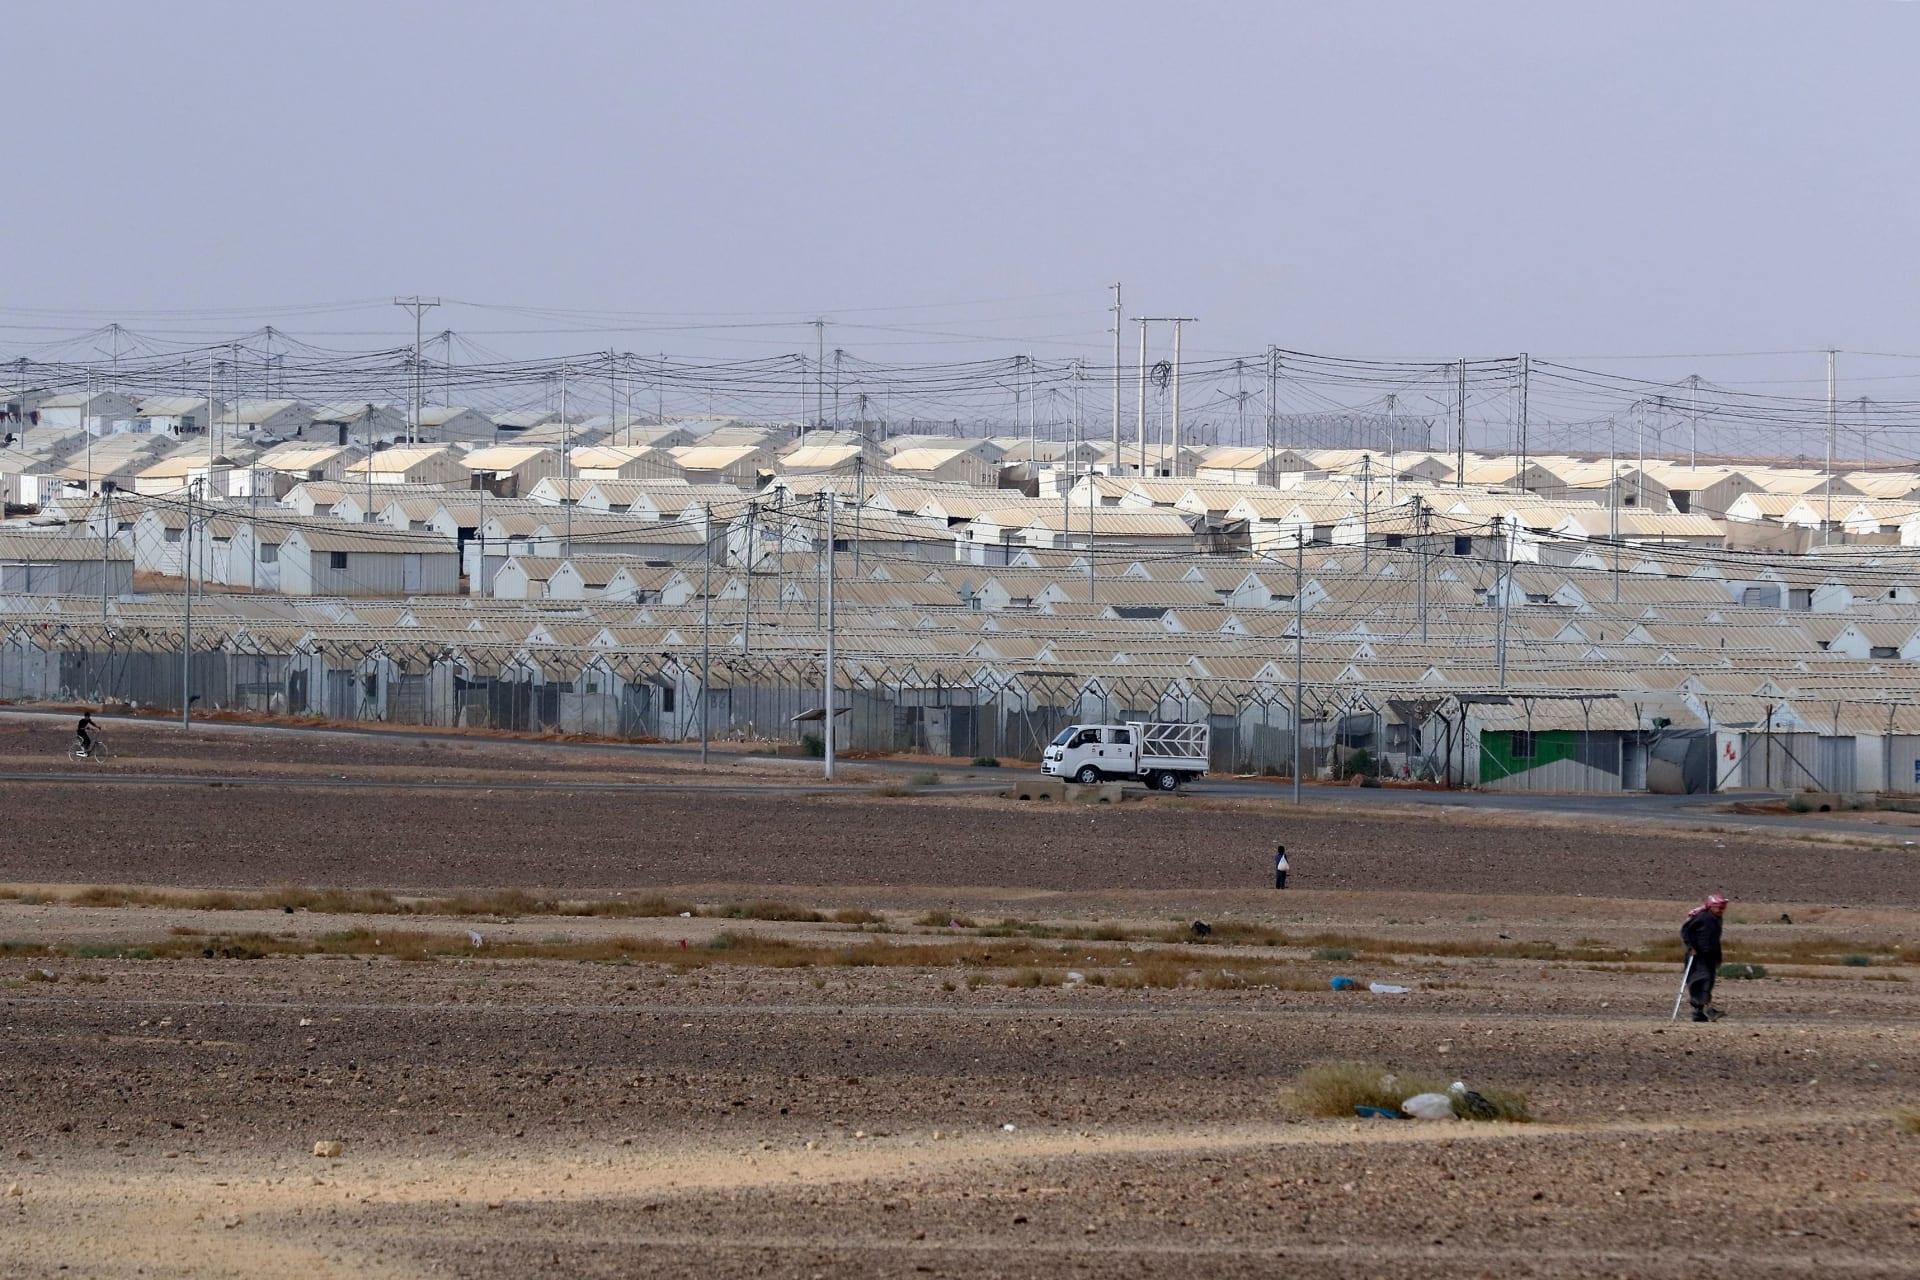 الأردن.. تكثيف الفحوصات العشوائية في مخيمات اللجوء بعد تسجيل إصابات بالكورونا